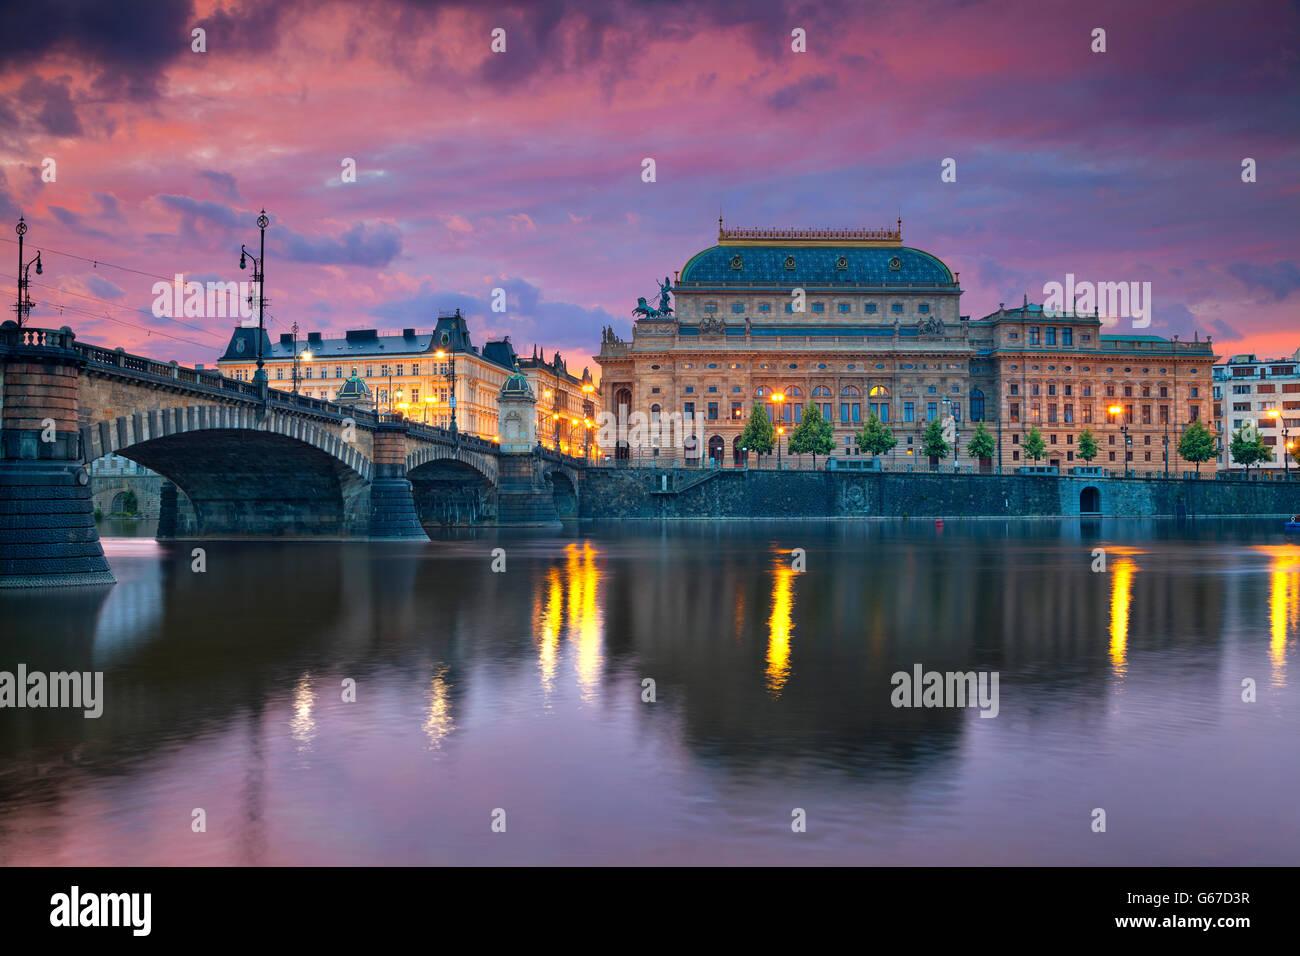 Praga. immagine di Praga riverside con la riflessione della città nel fiume Moldava e il teatro nazionale. Immagini Stock